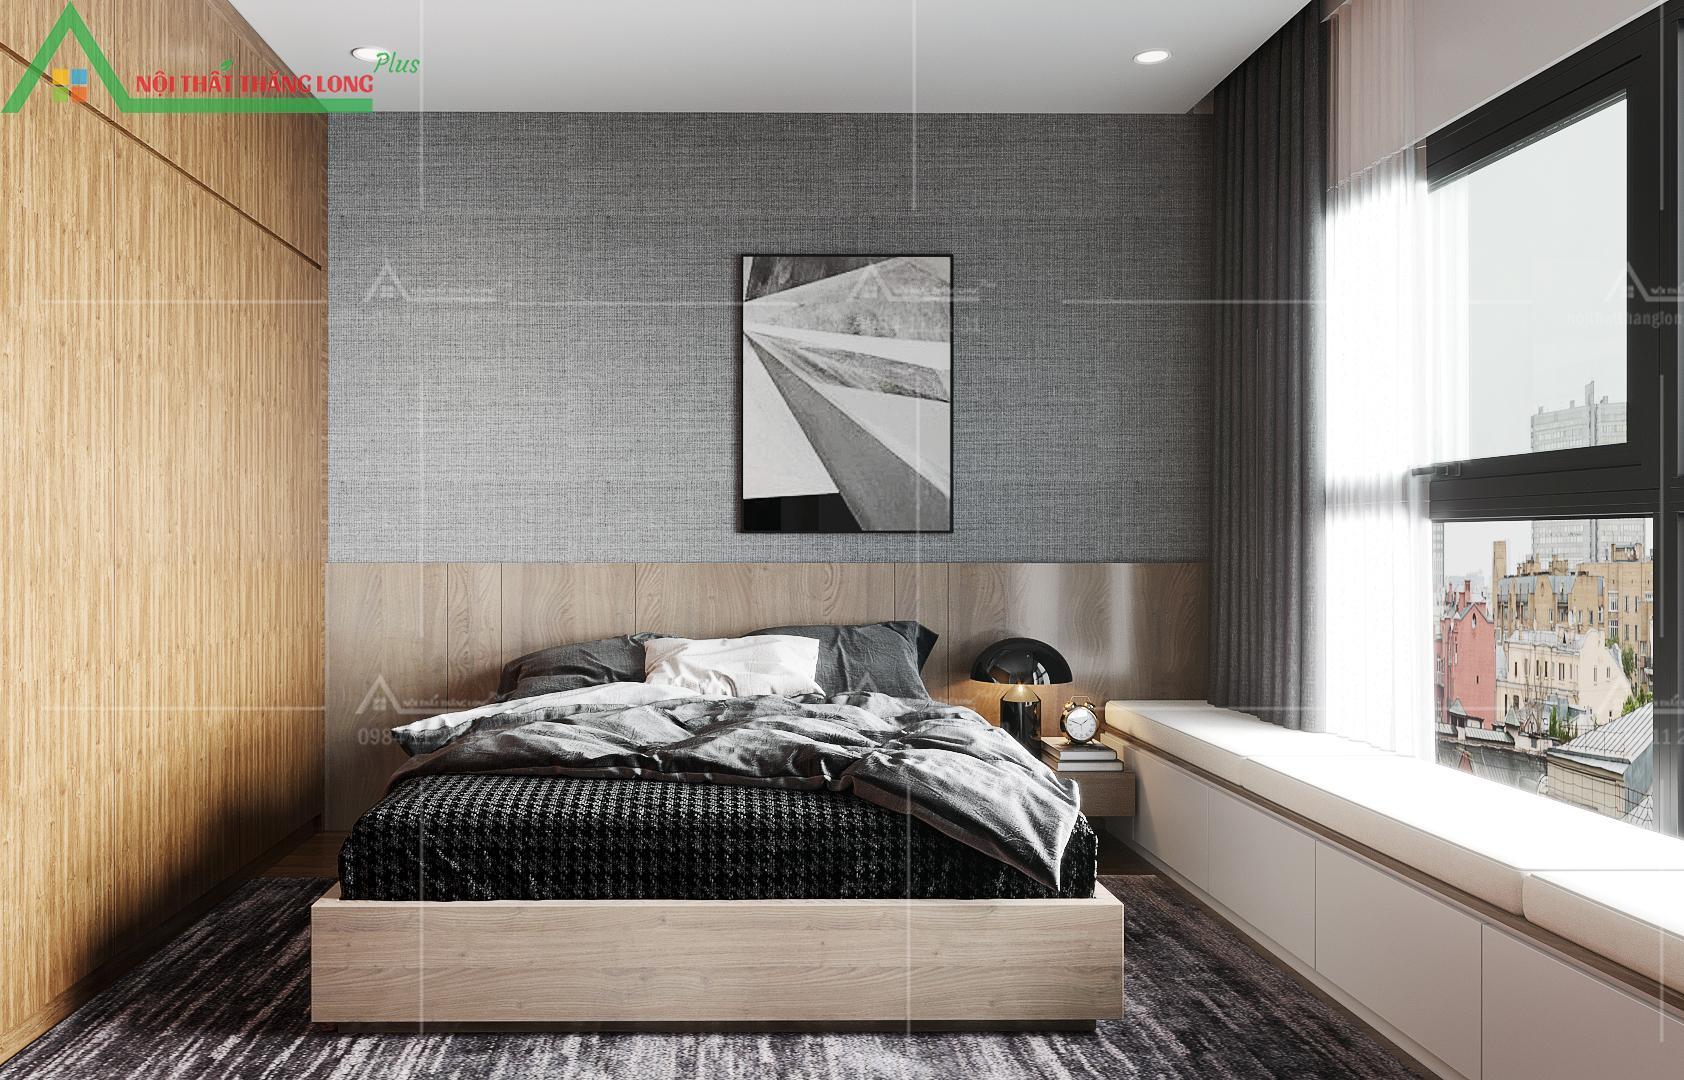 Thiết kế nội thất chung cư tại Tố Hữu